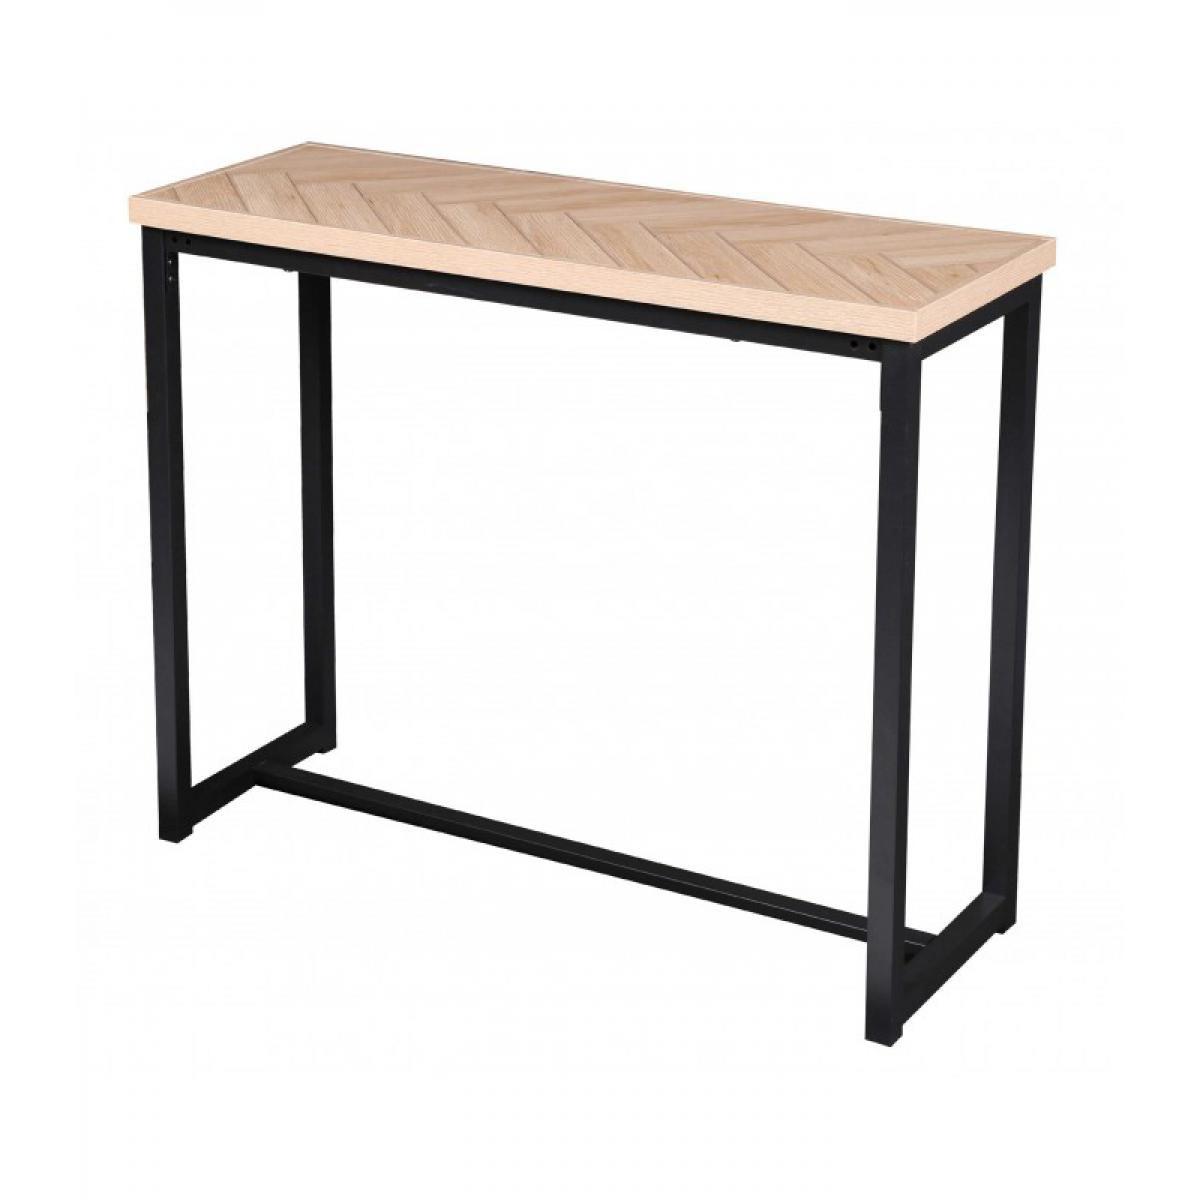 Urban Living Console design bois et métal Haussmann - L. 100 x H. 78 cm - Noir